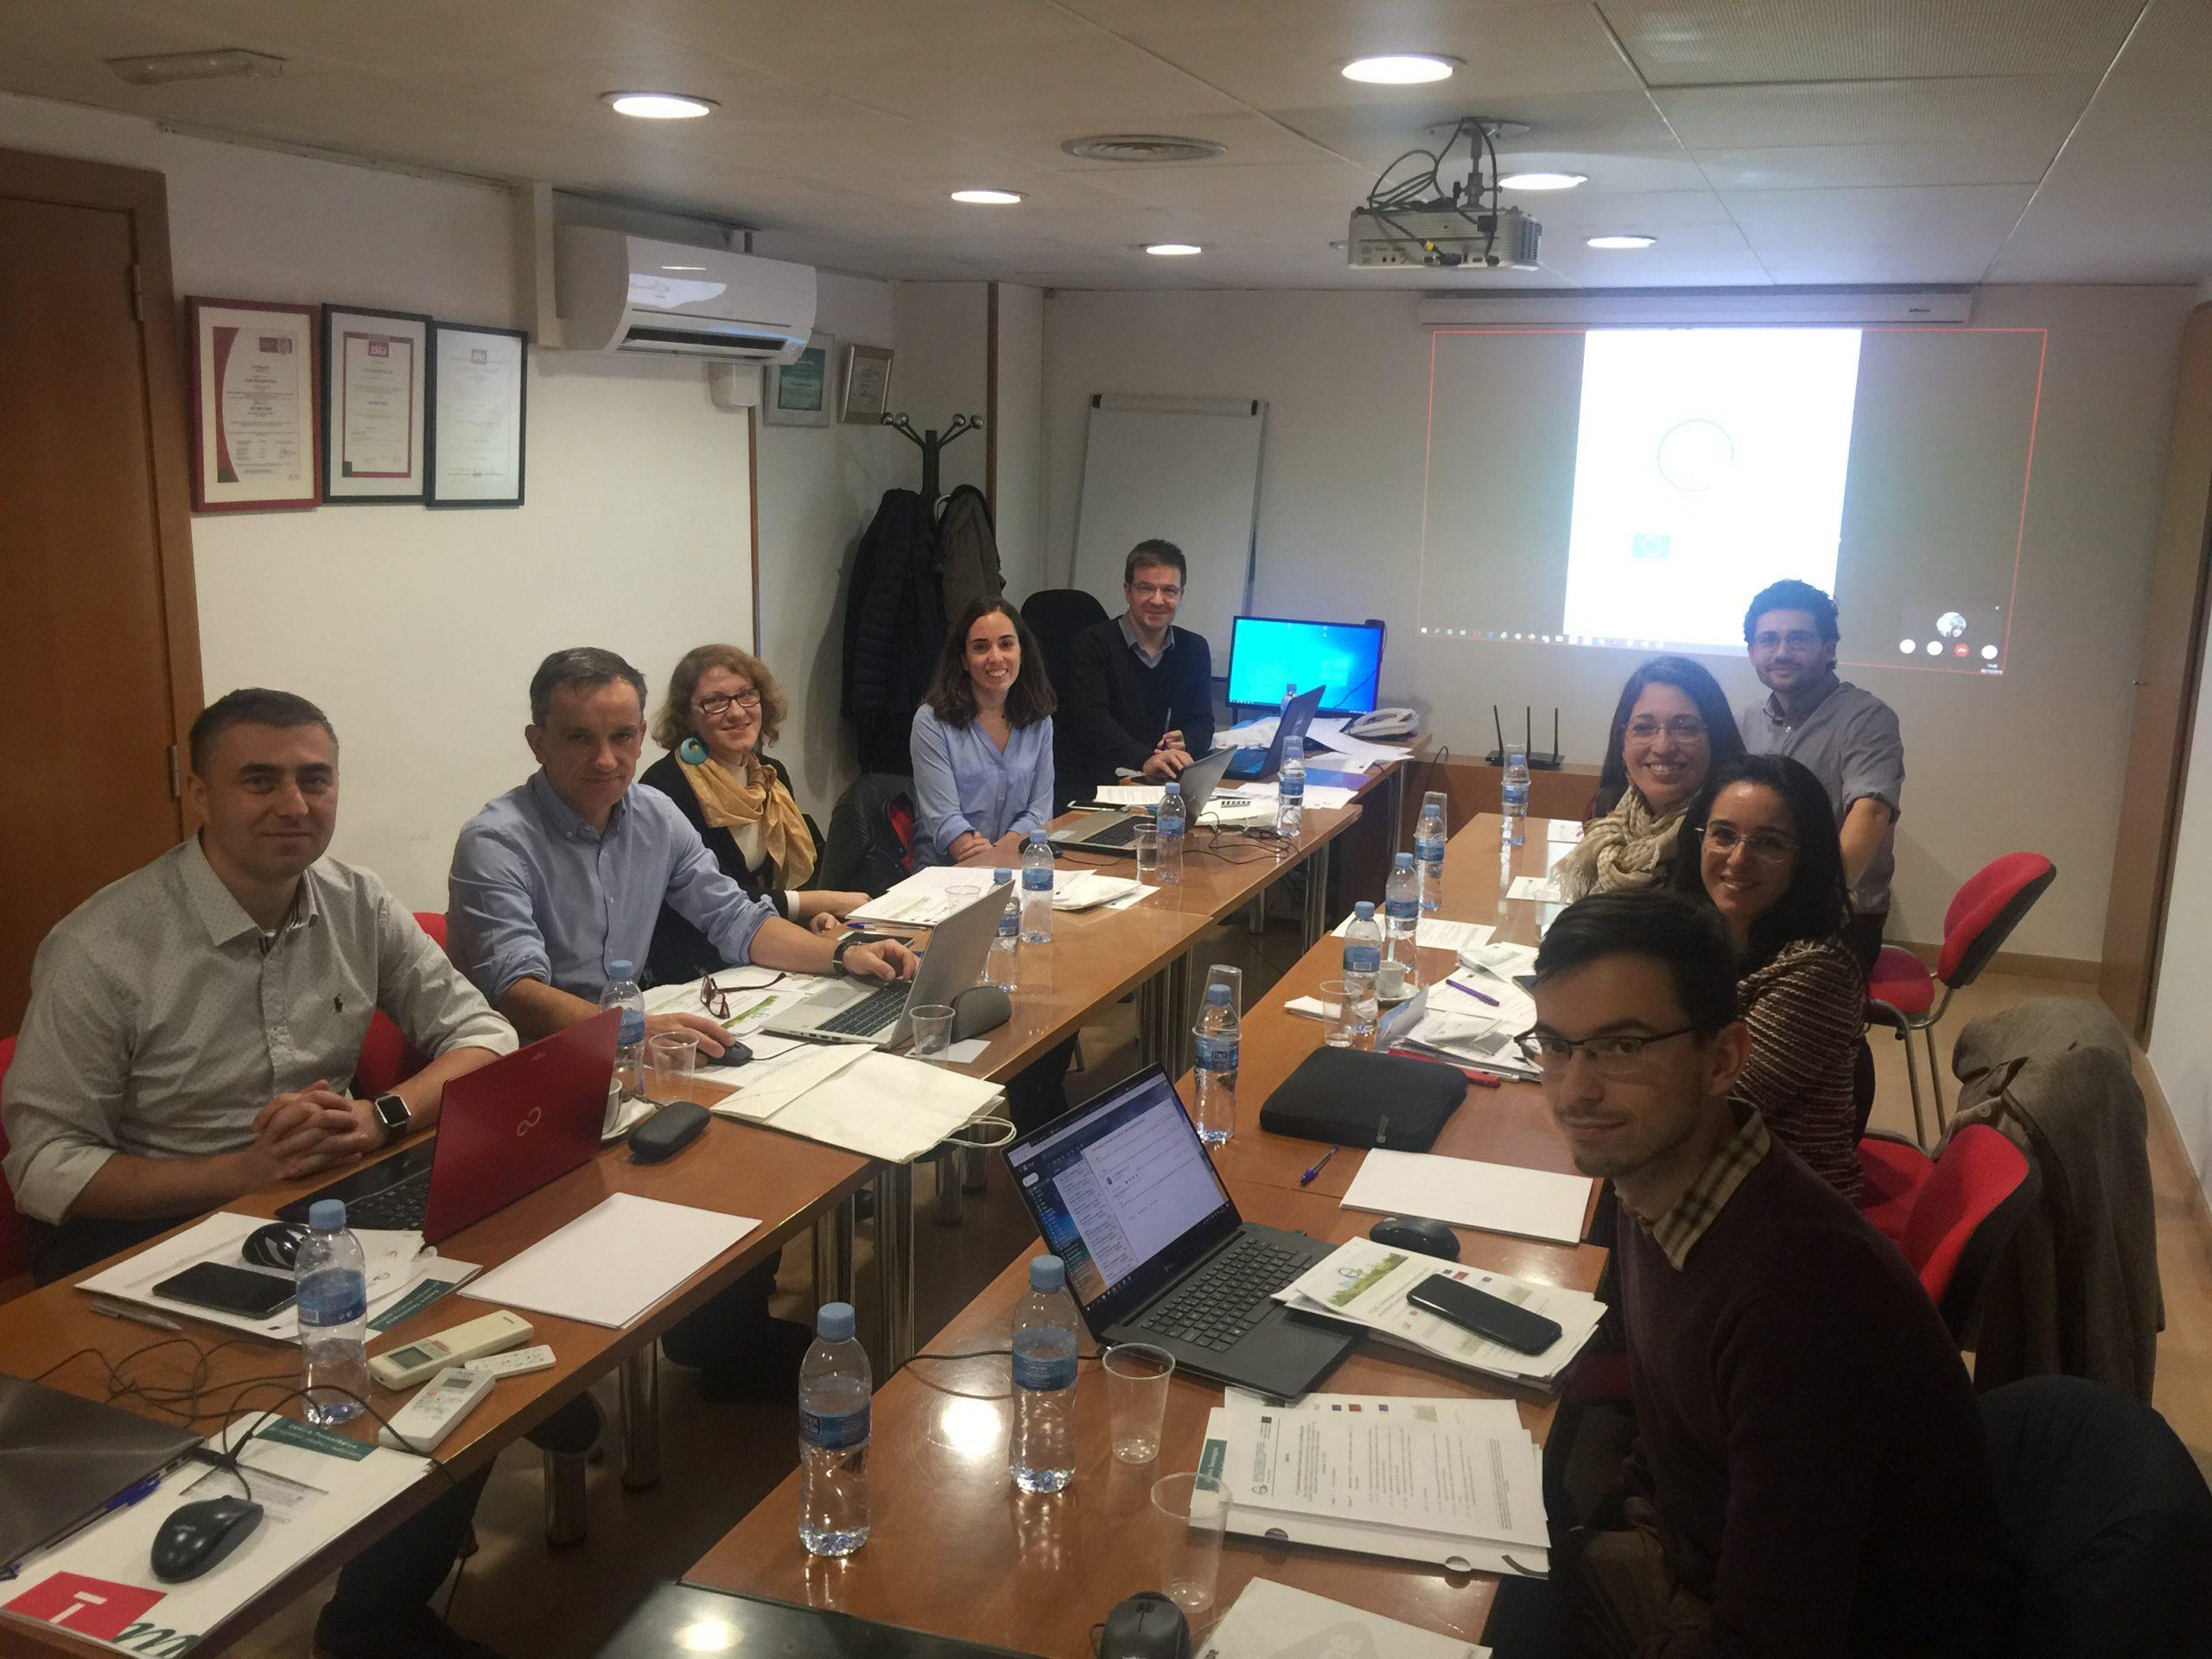 Primera reunión internacional del proyecto CircularBIM en Alicante